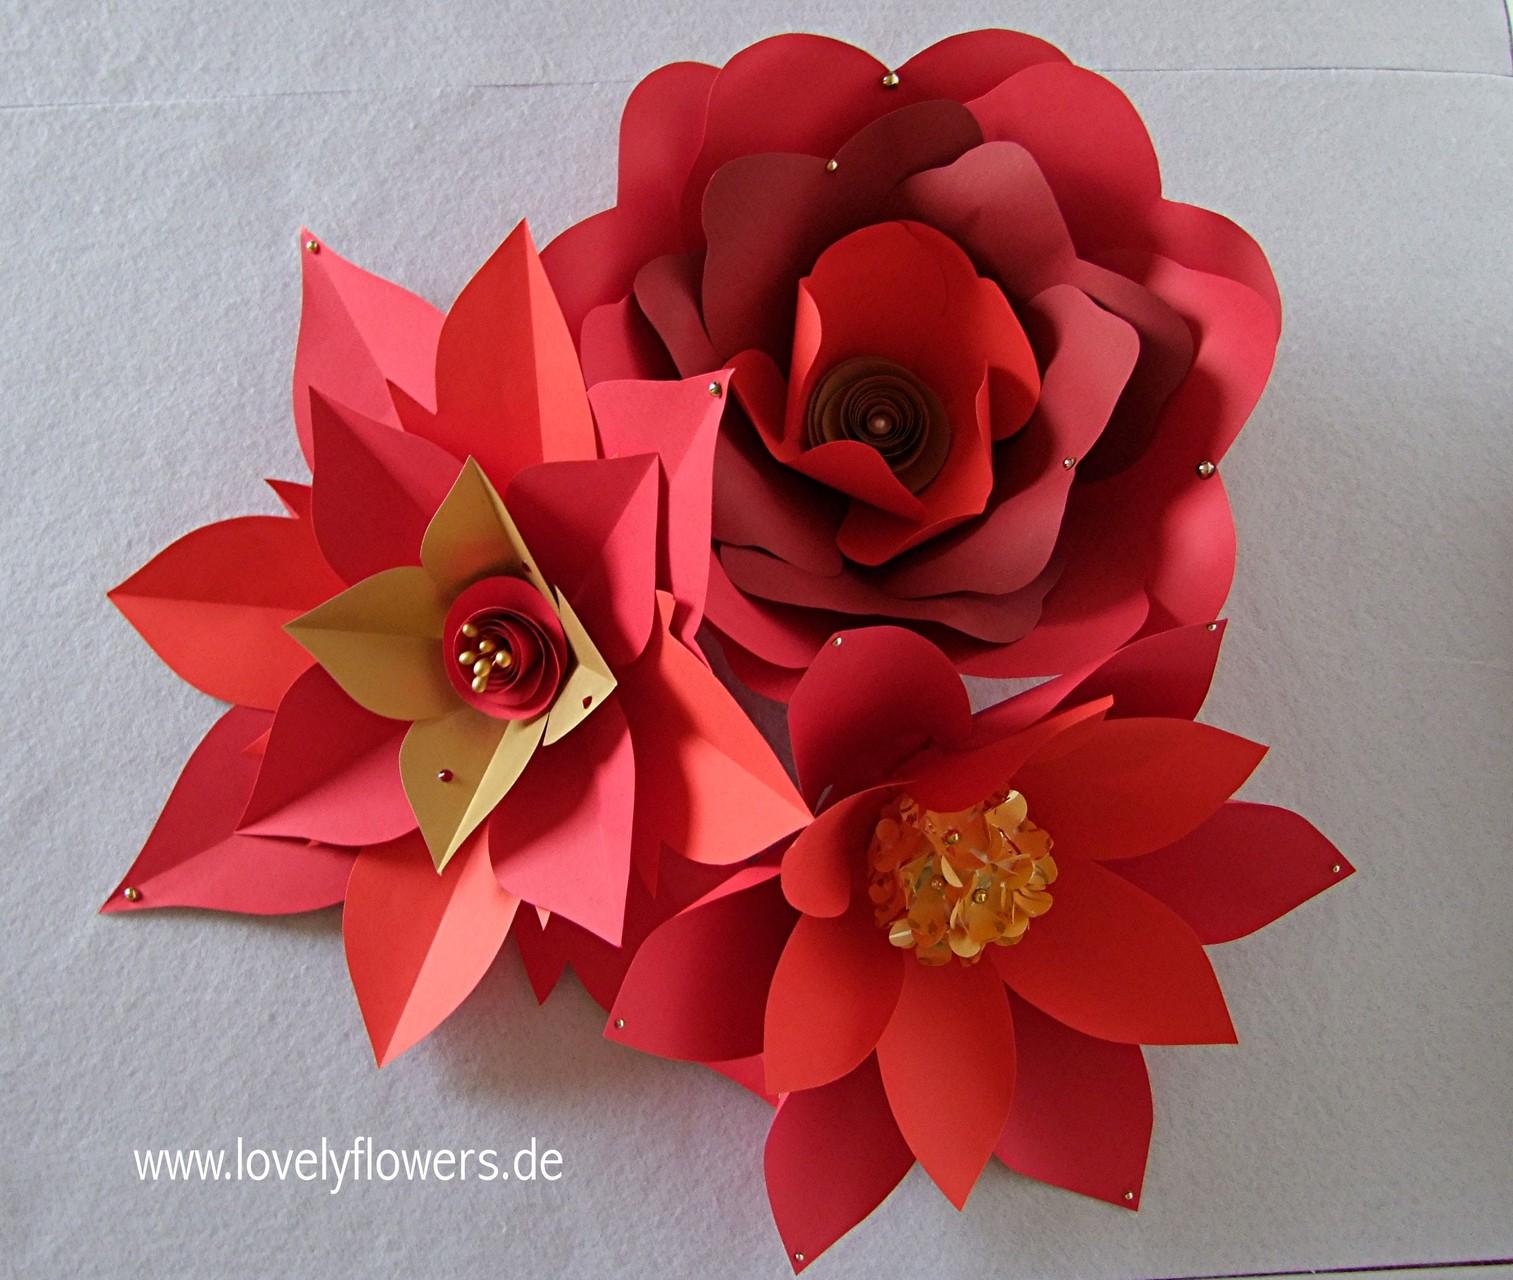 Paper-Art Großblumenset von www.lovelyflowers.de zur Centerpiece-Tischdekoration